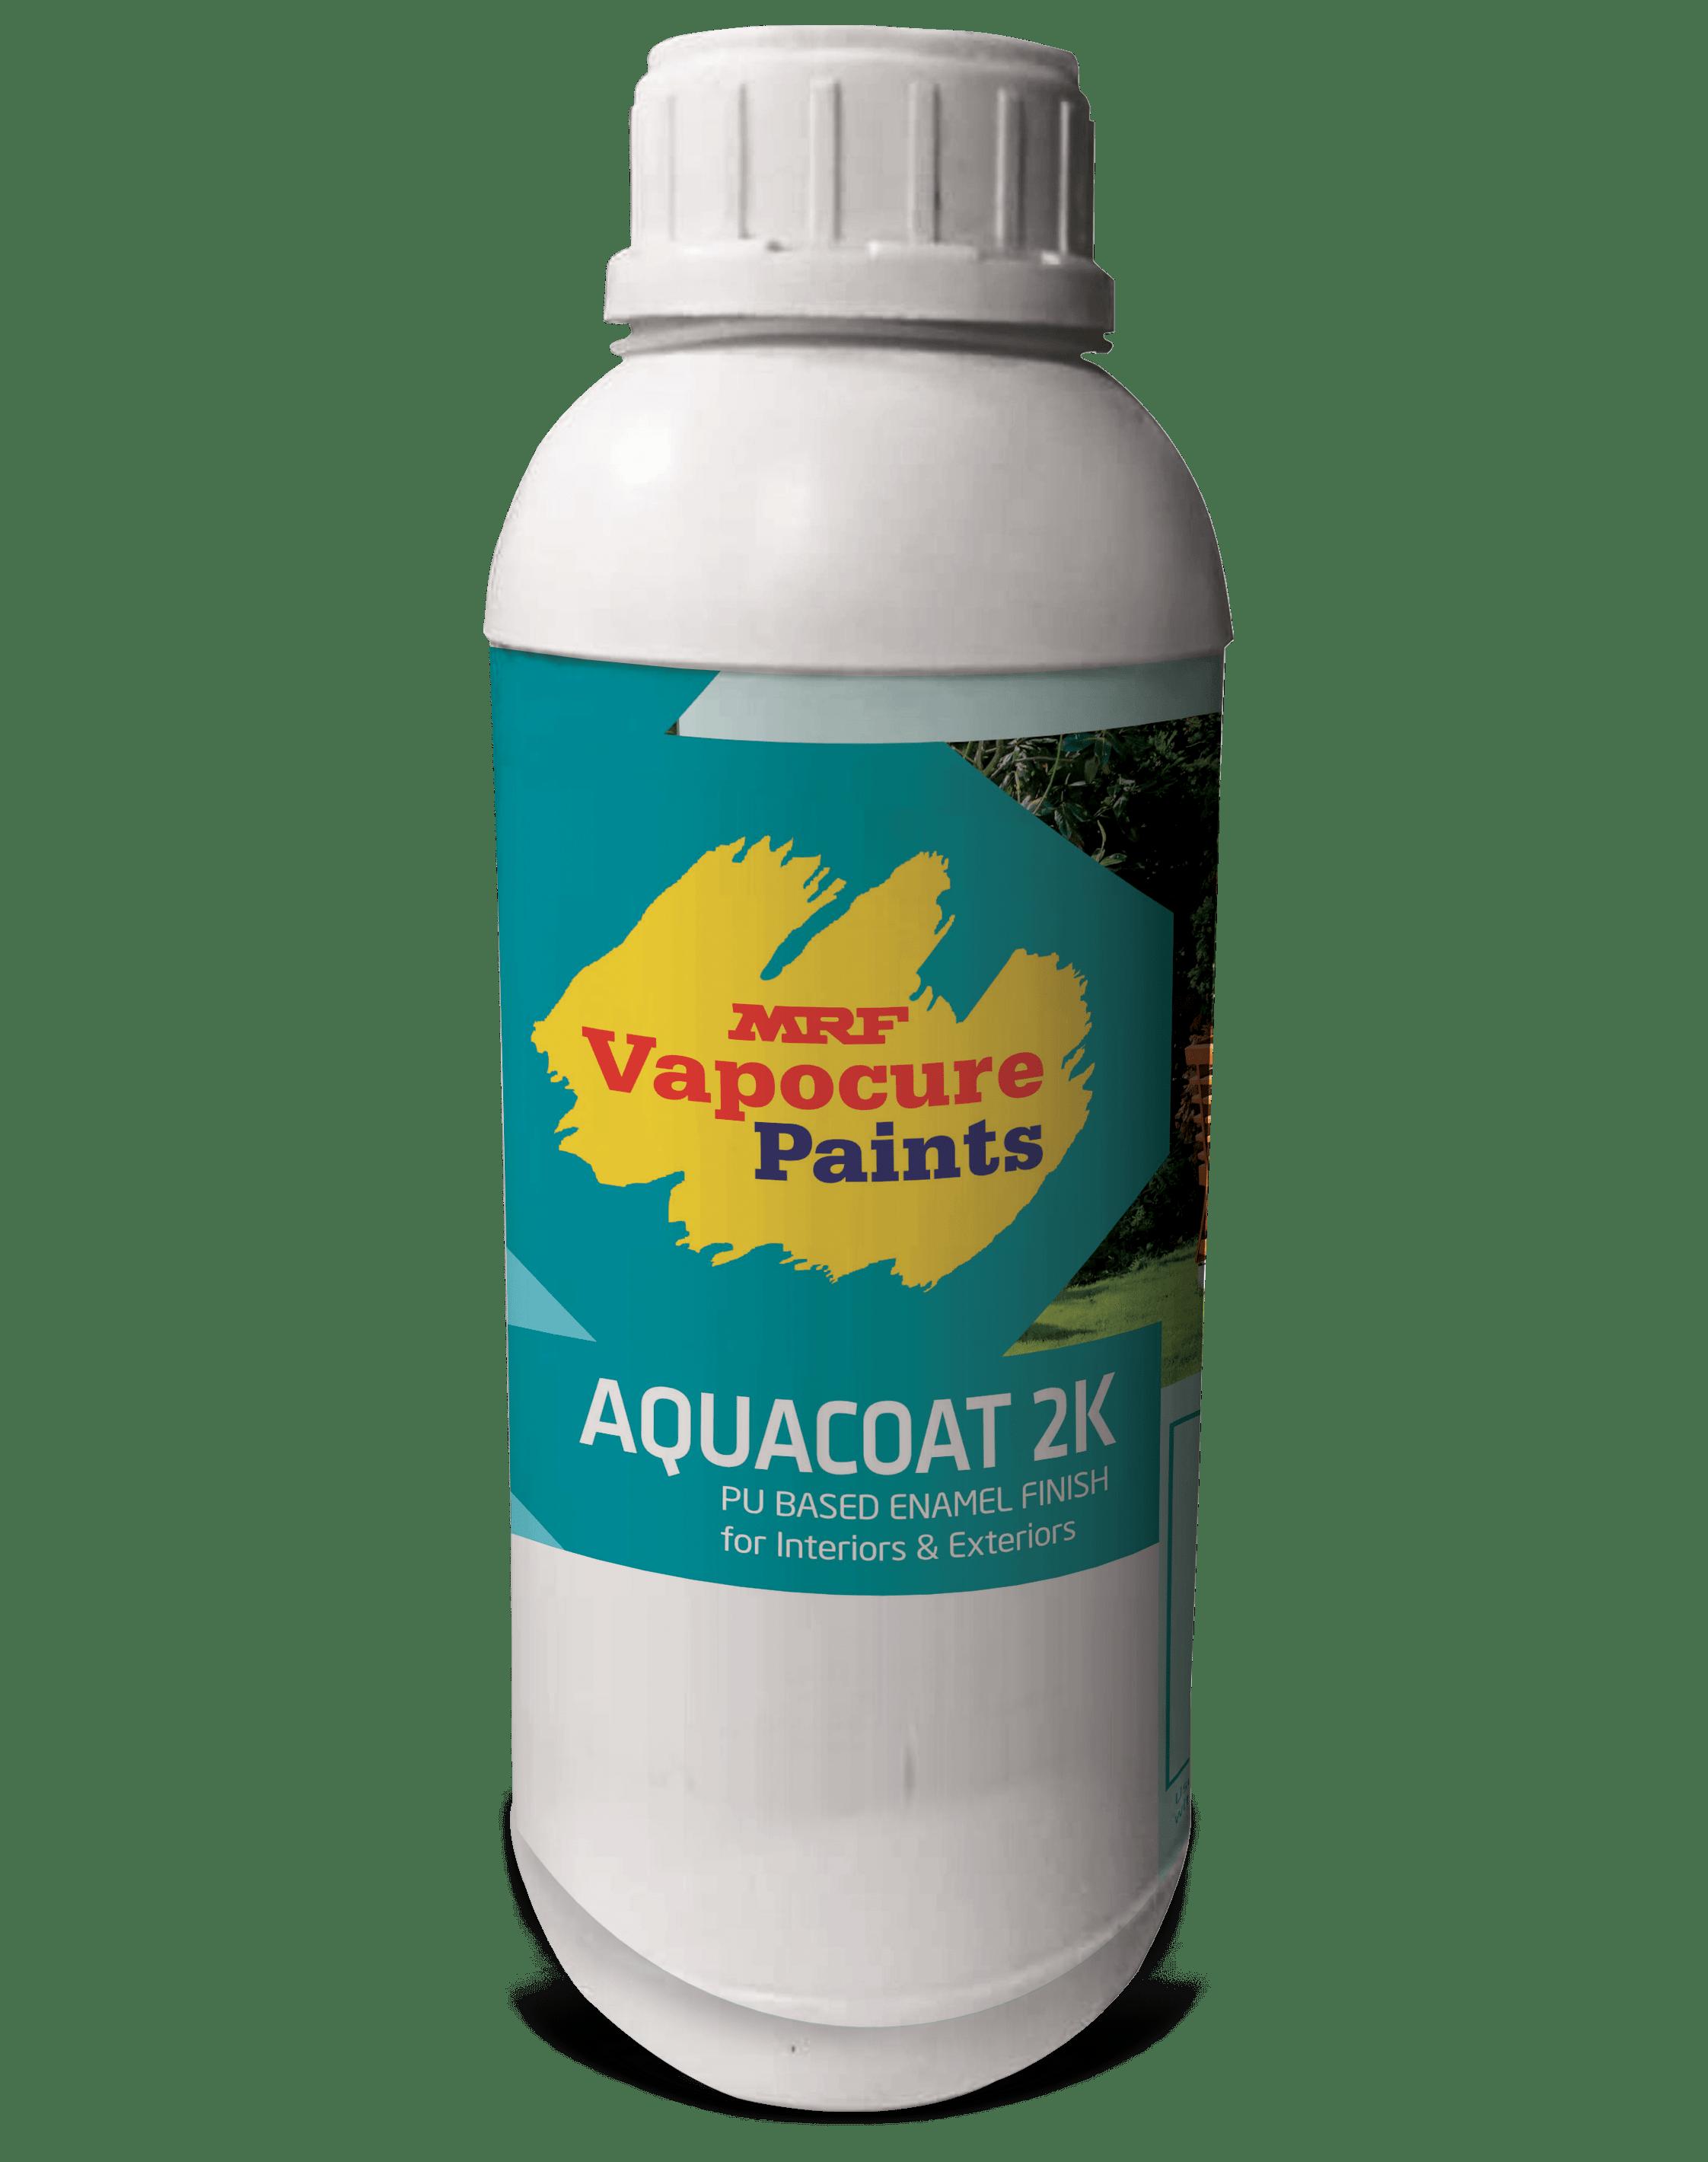 AquaCoat 2K PU Floorcoat